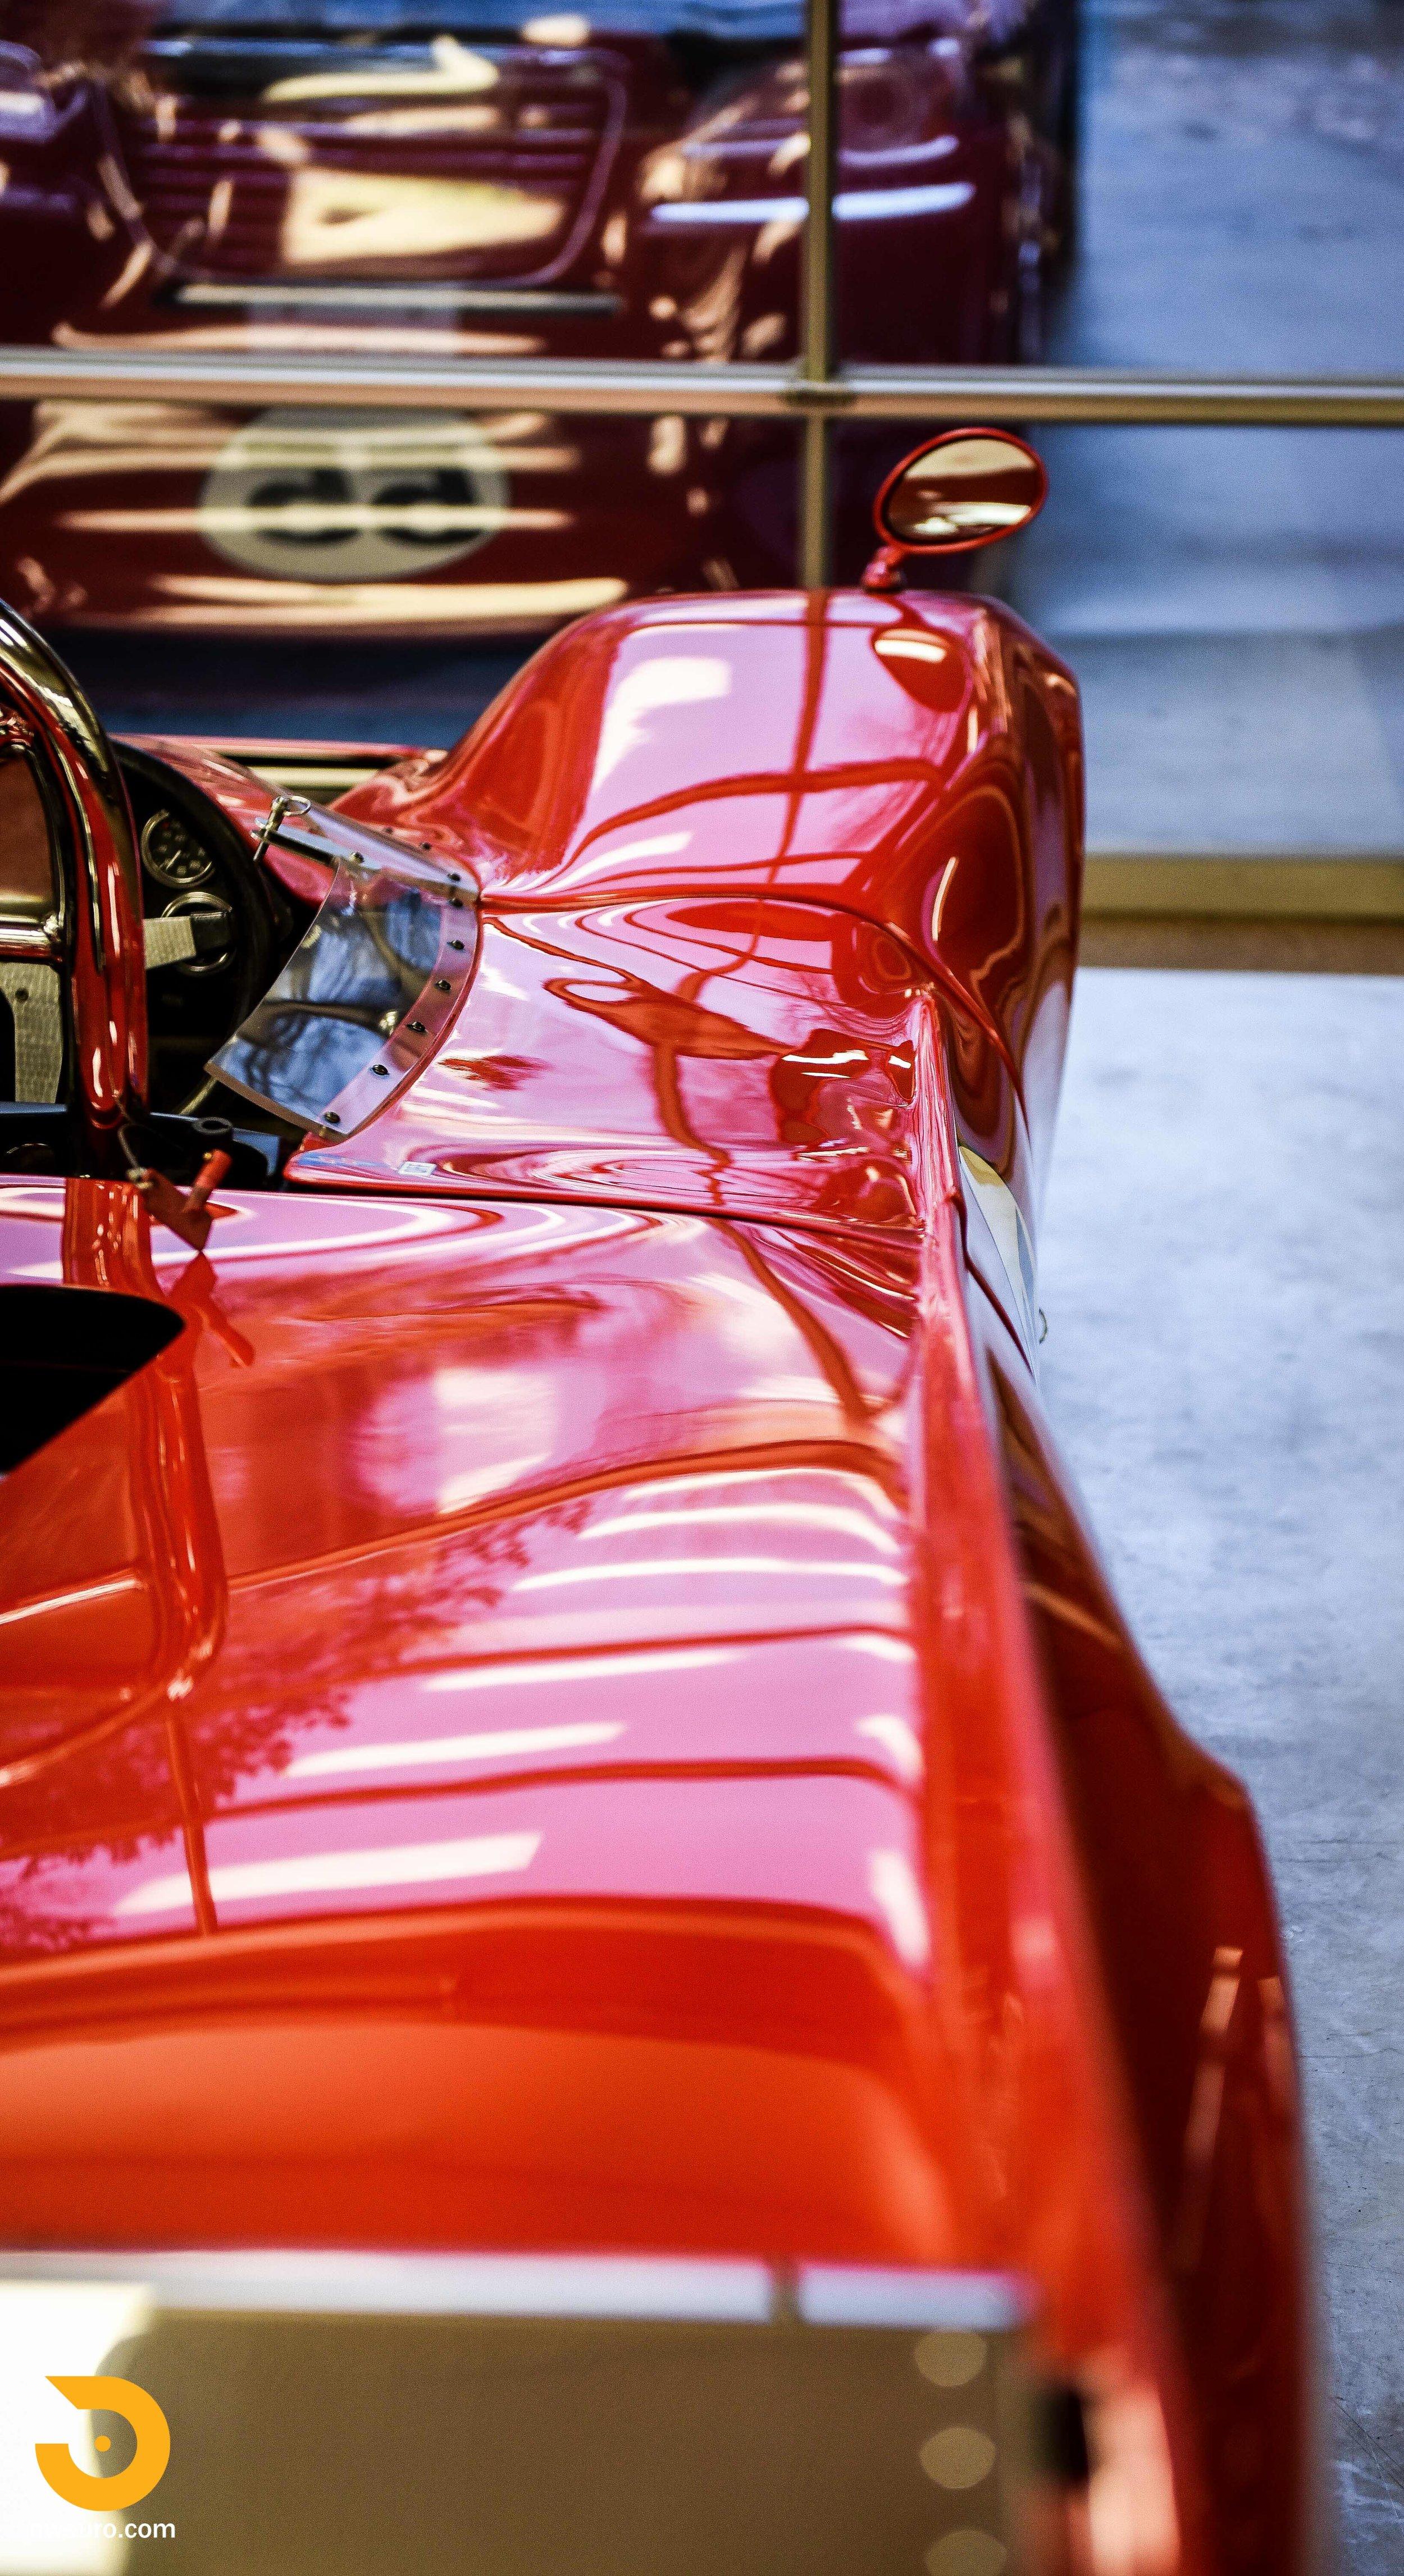 1969 Lola T162 Can-Am Race Car-36.jpg